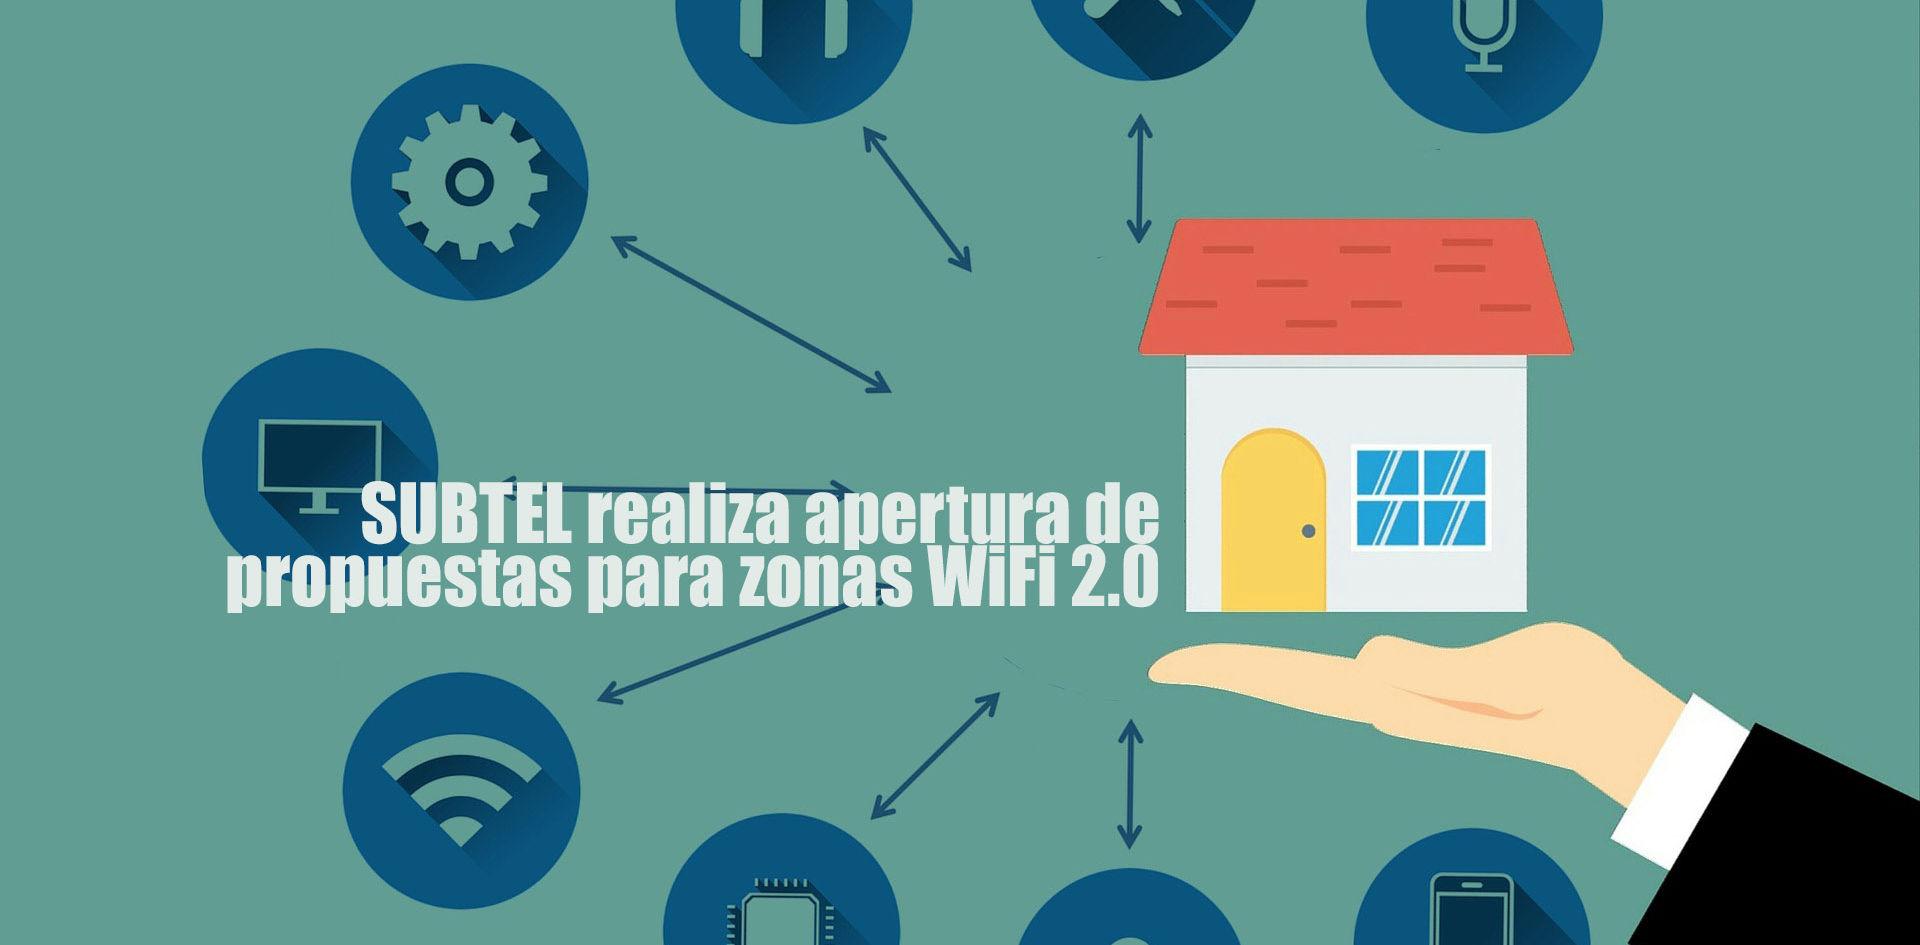 SUBTEL realiza apertura de propuestas para zonas WiFi 2.0